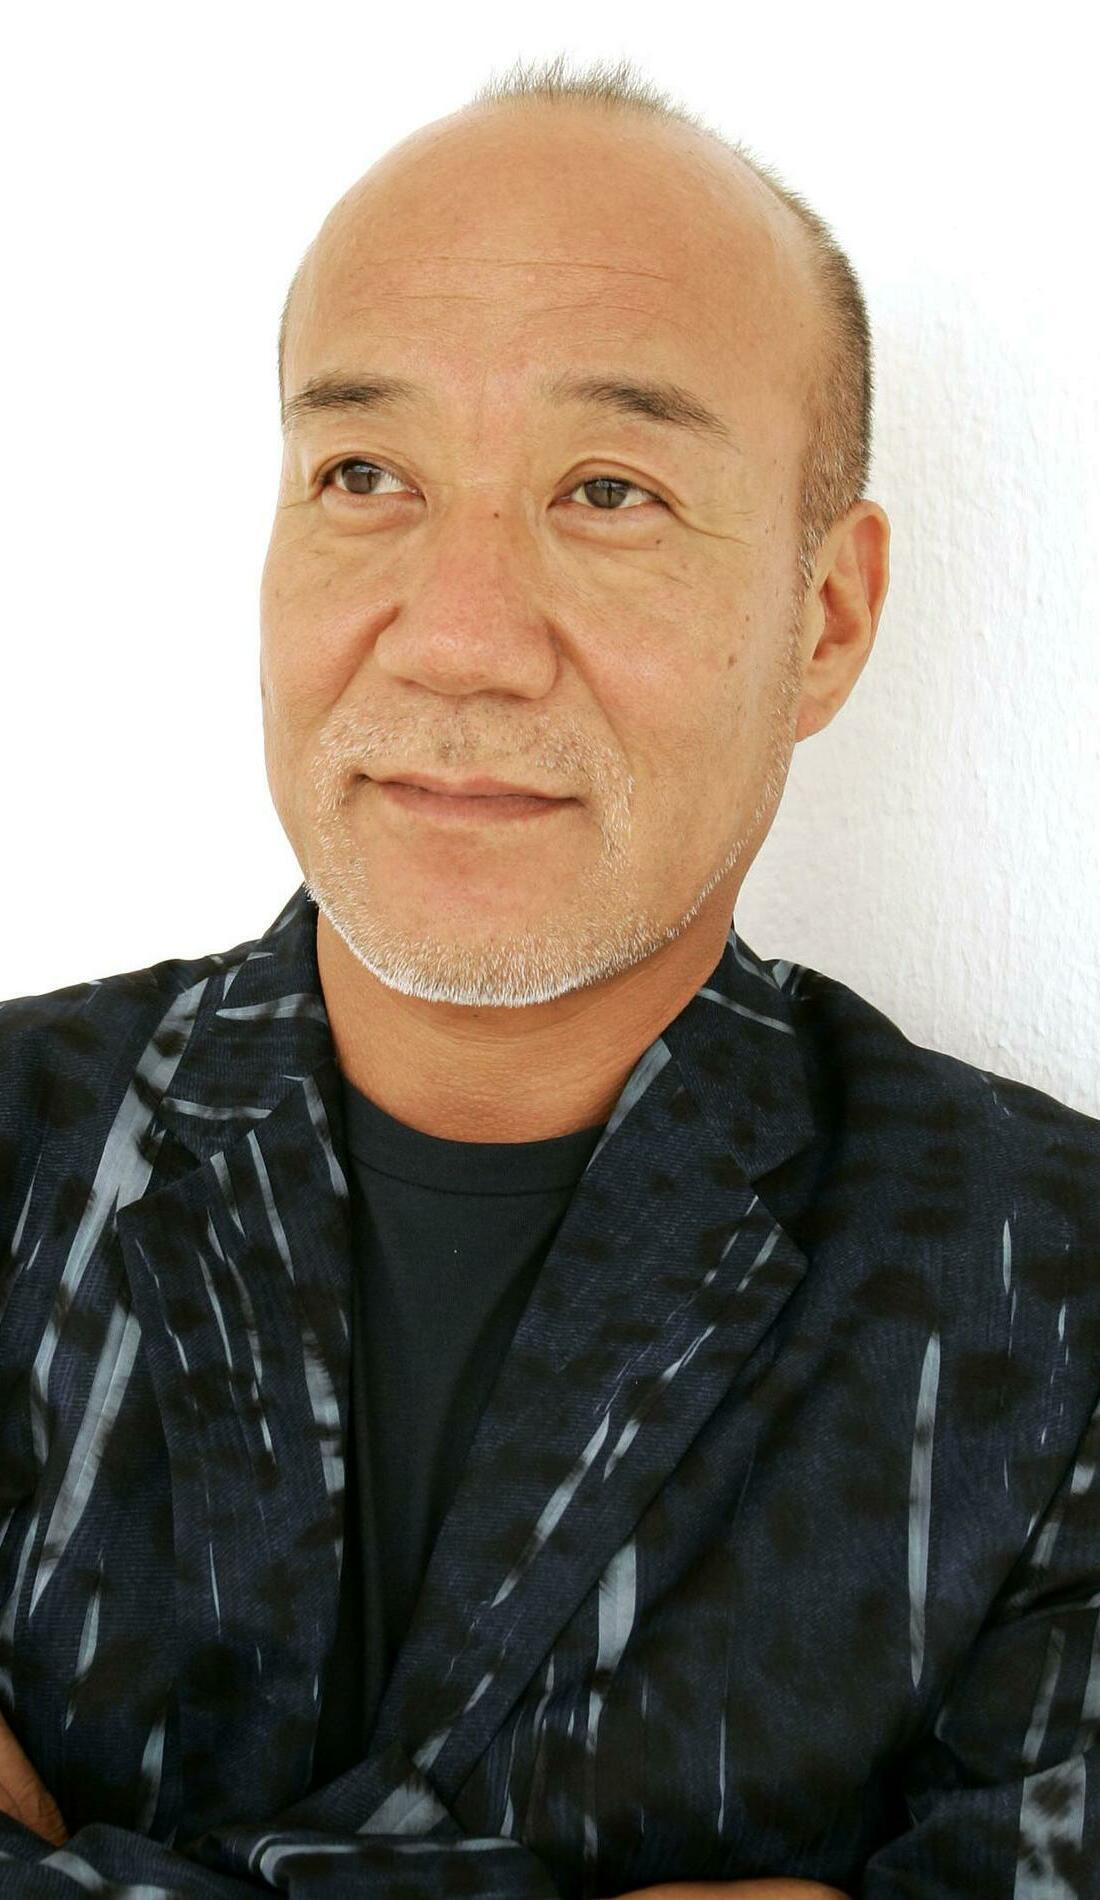 A Joe Hisaishi live event